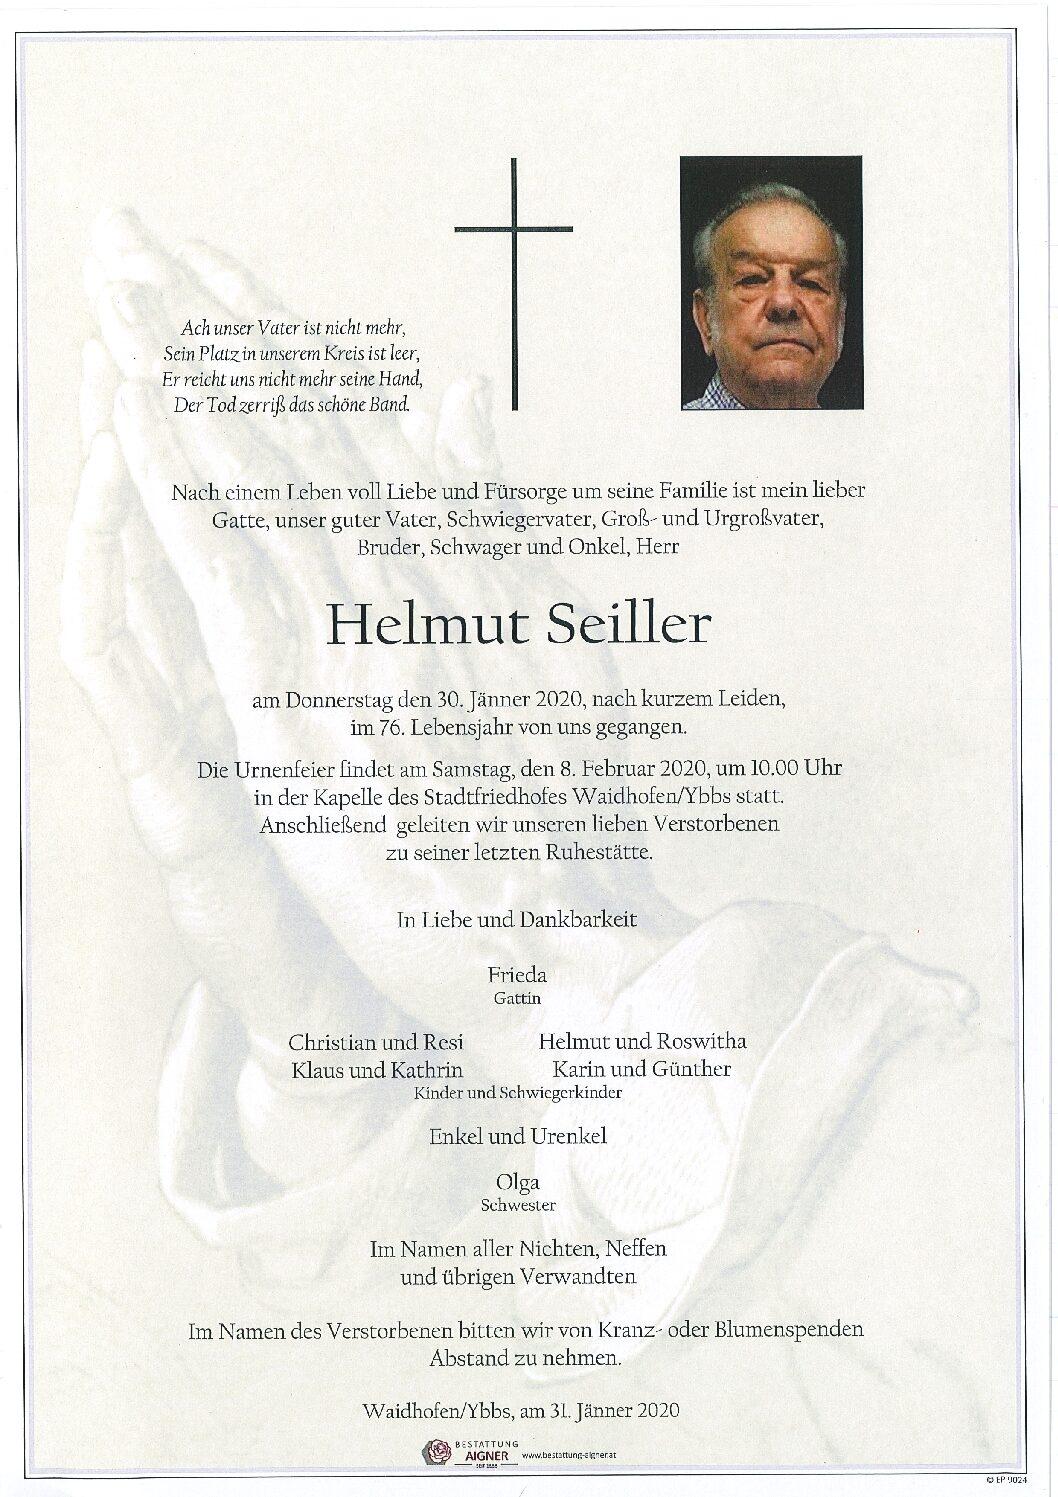 Helmut Seiller